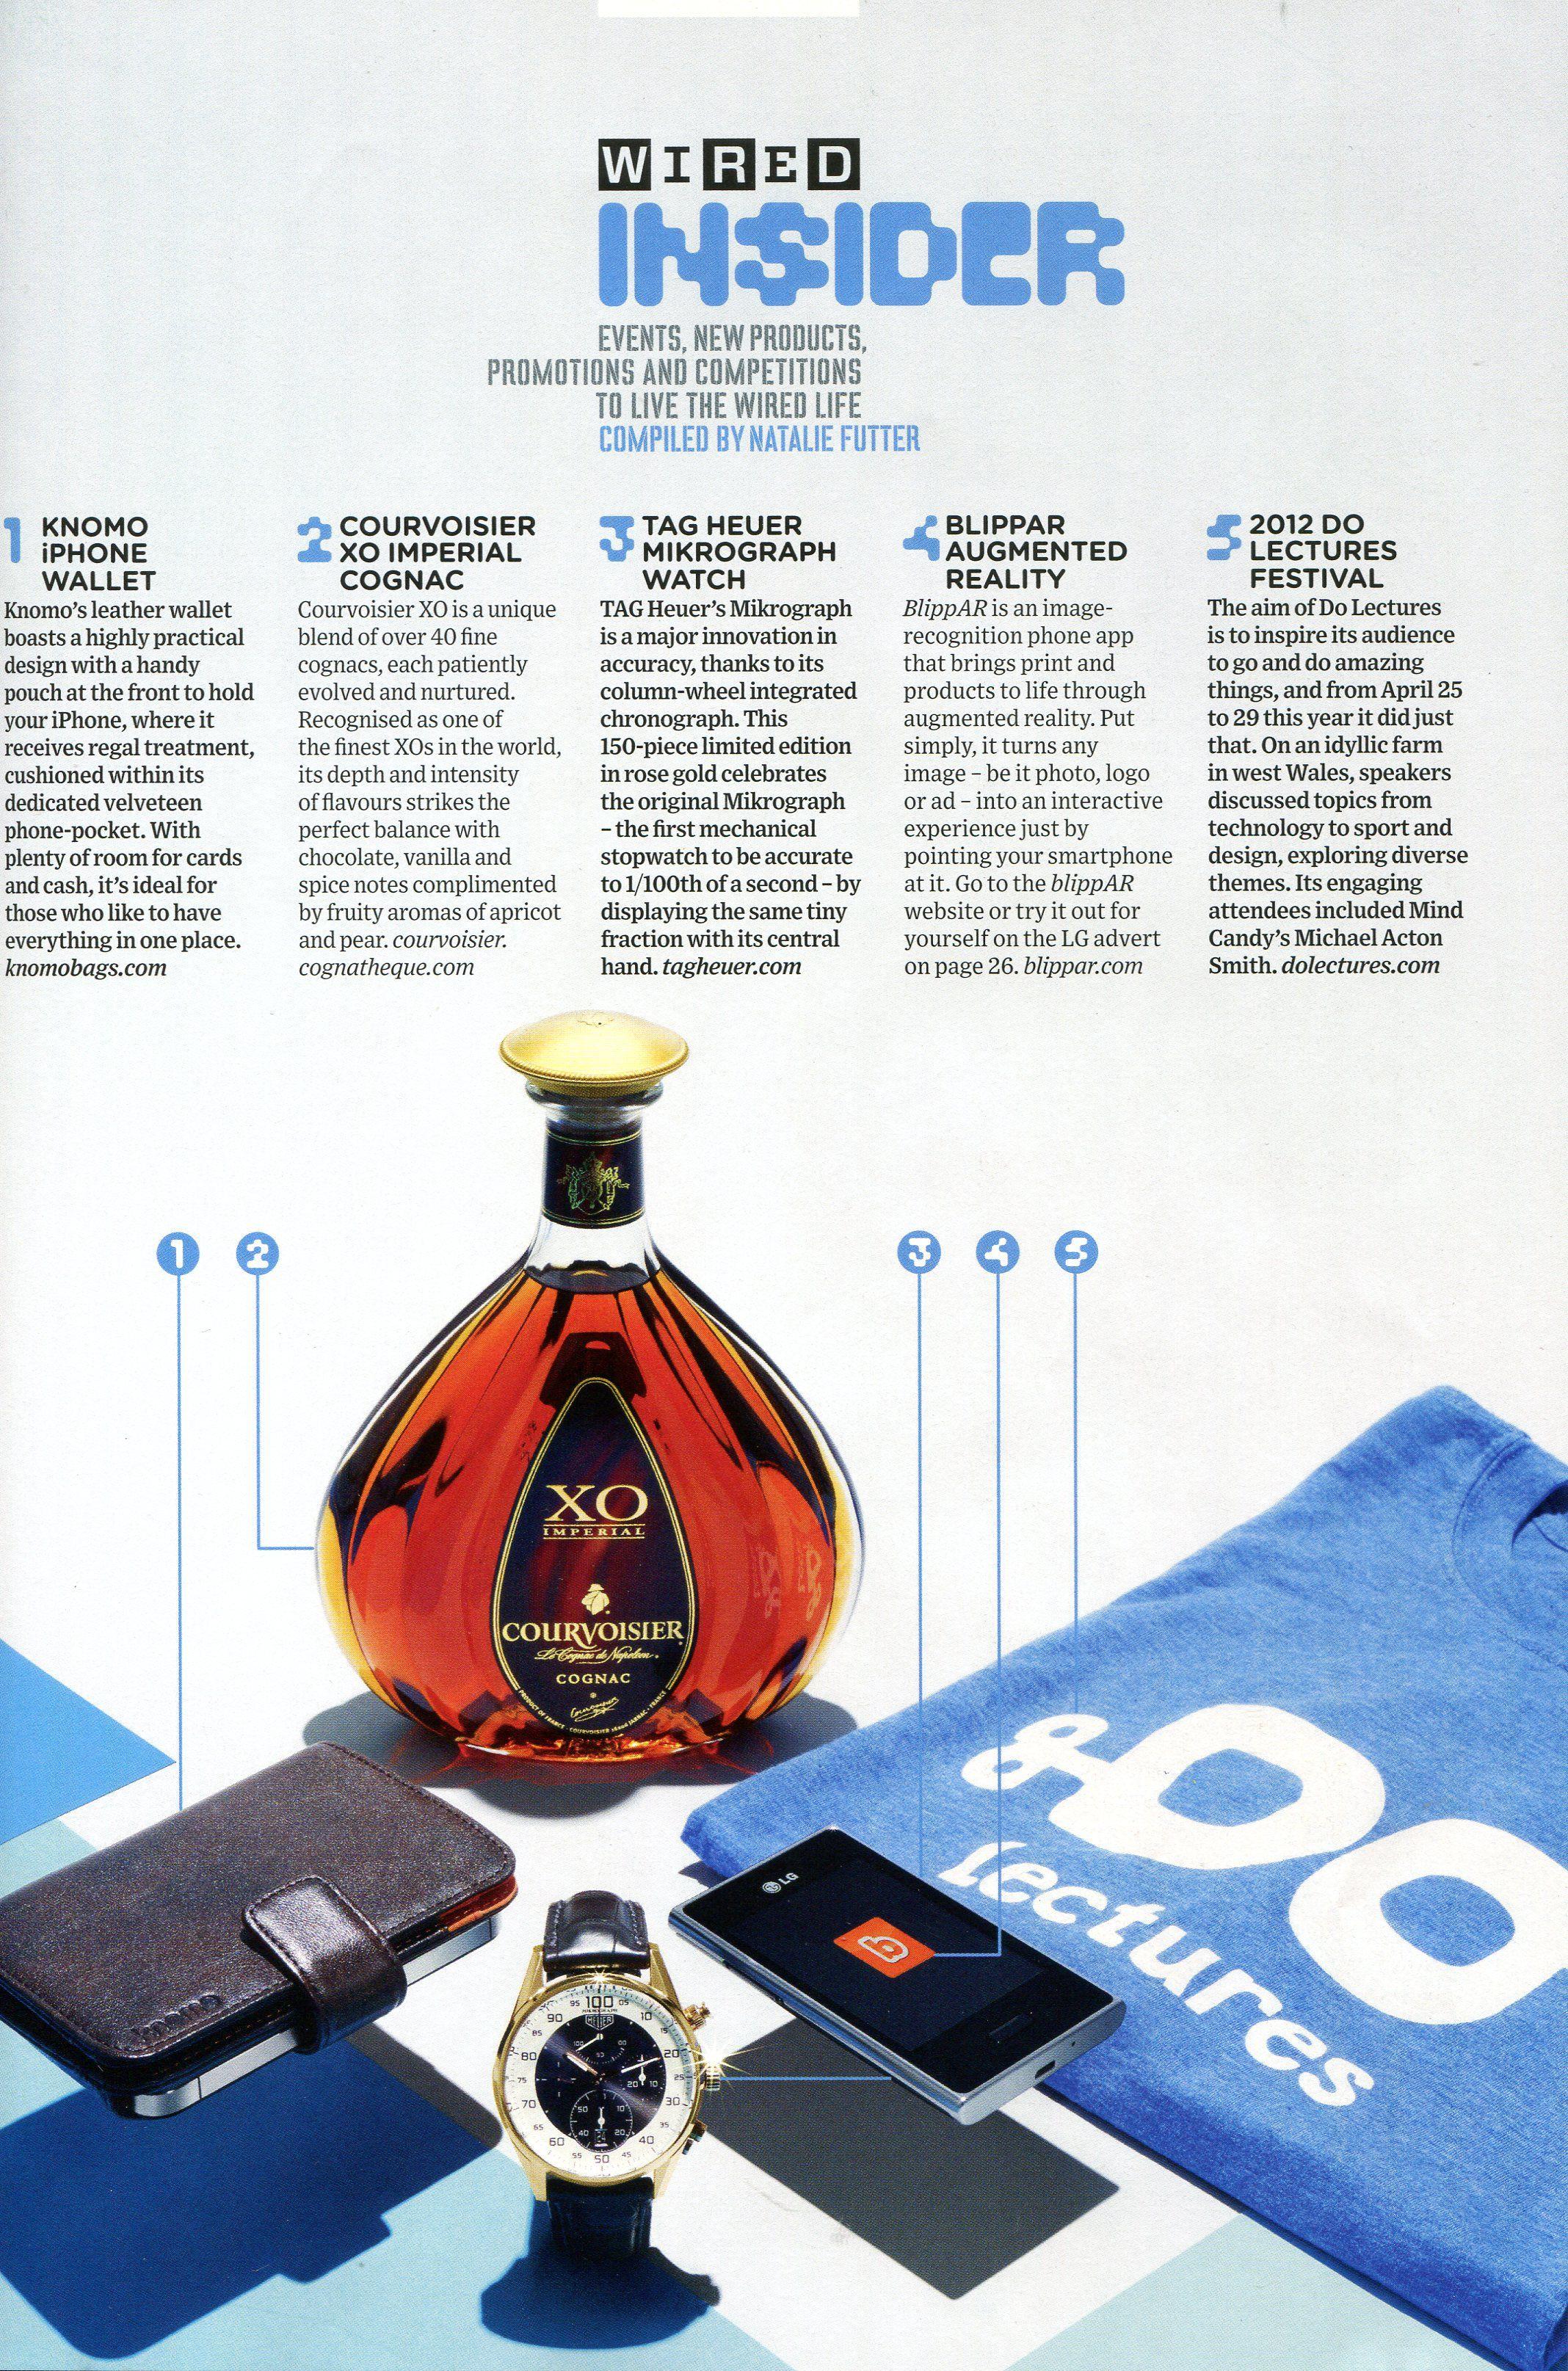 Wired magazine | Layout | Pinterest | Editorial design, Magazine ...